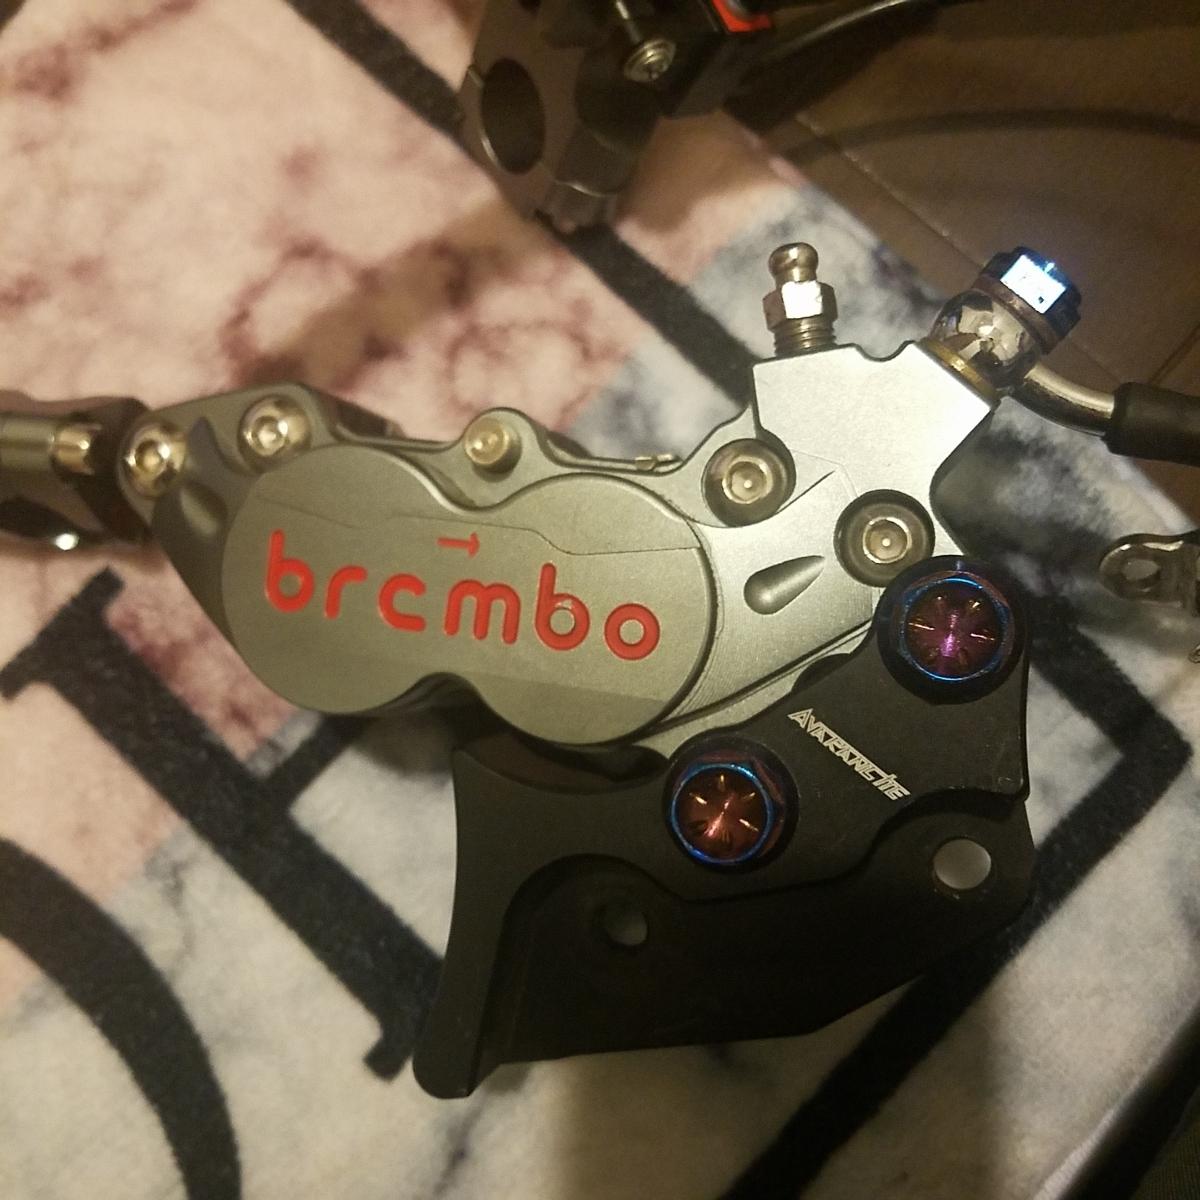 brembo ブレンボ タイプ 40mmピッチ キャリパー 左右 マスターシリンダー クラッチレバーホルダー セット ステンメッシュ80cm付き!_画像9